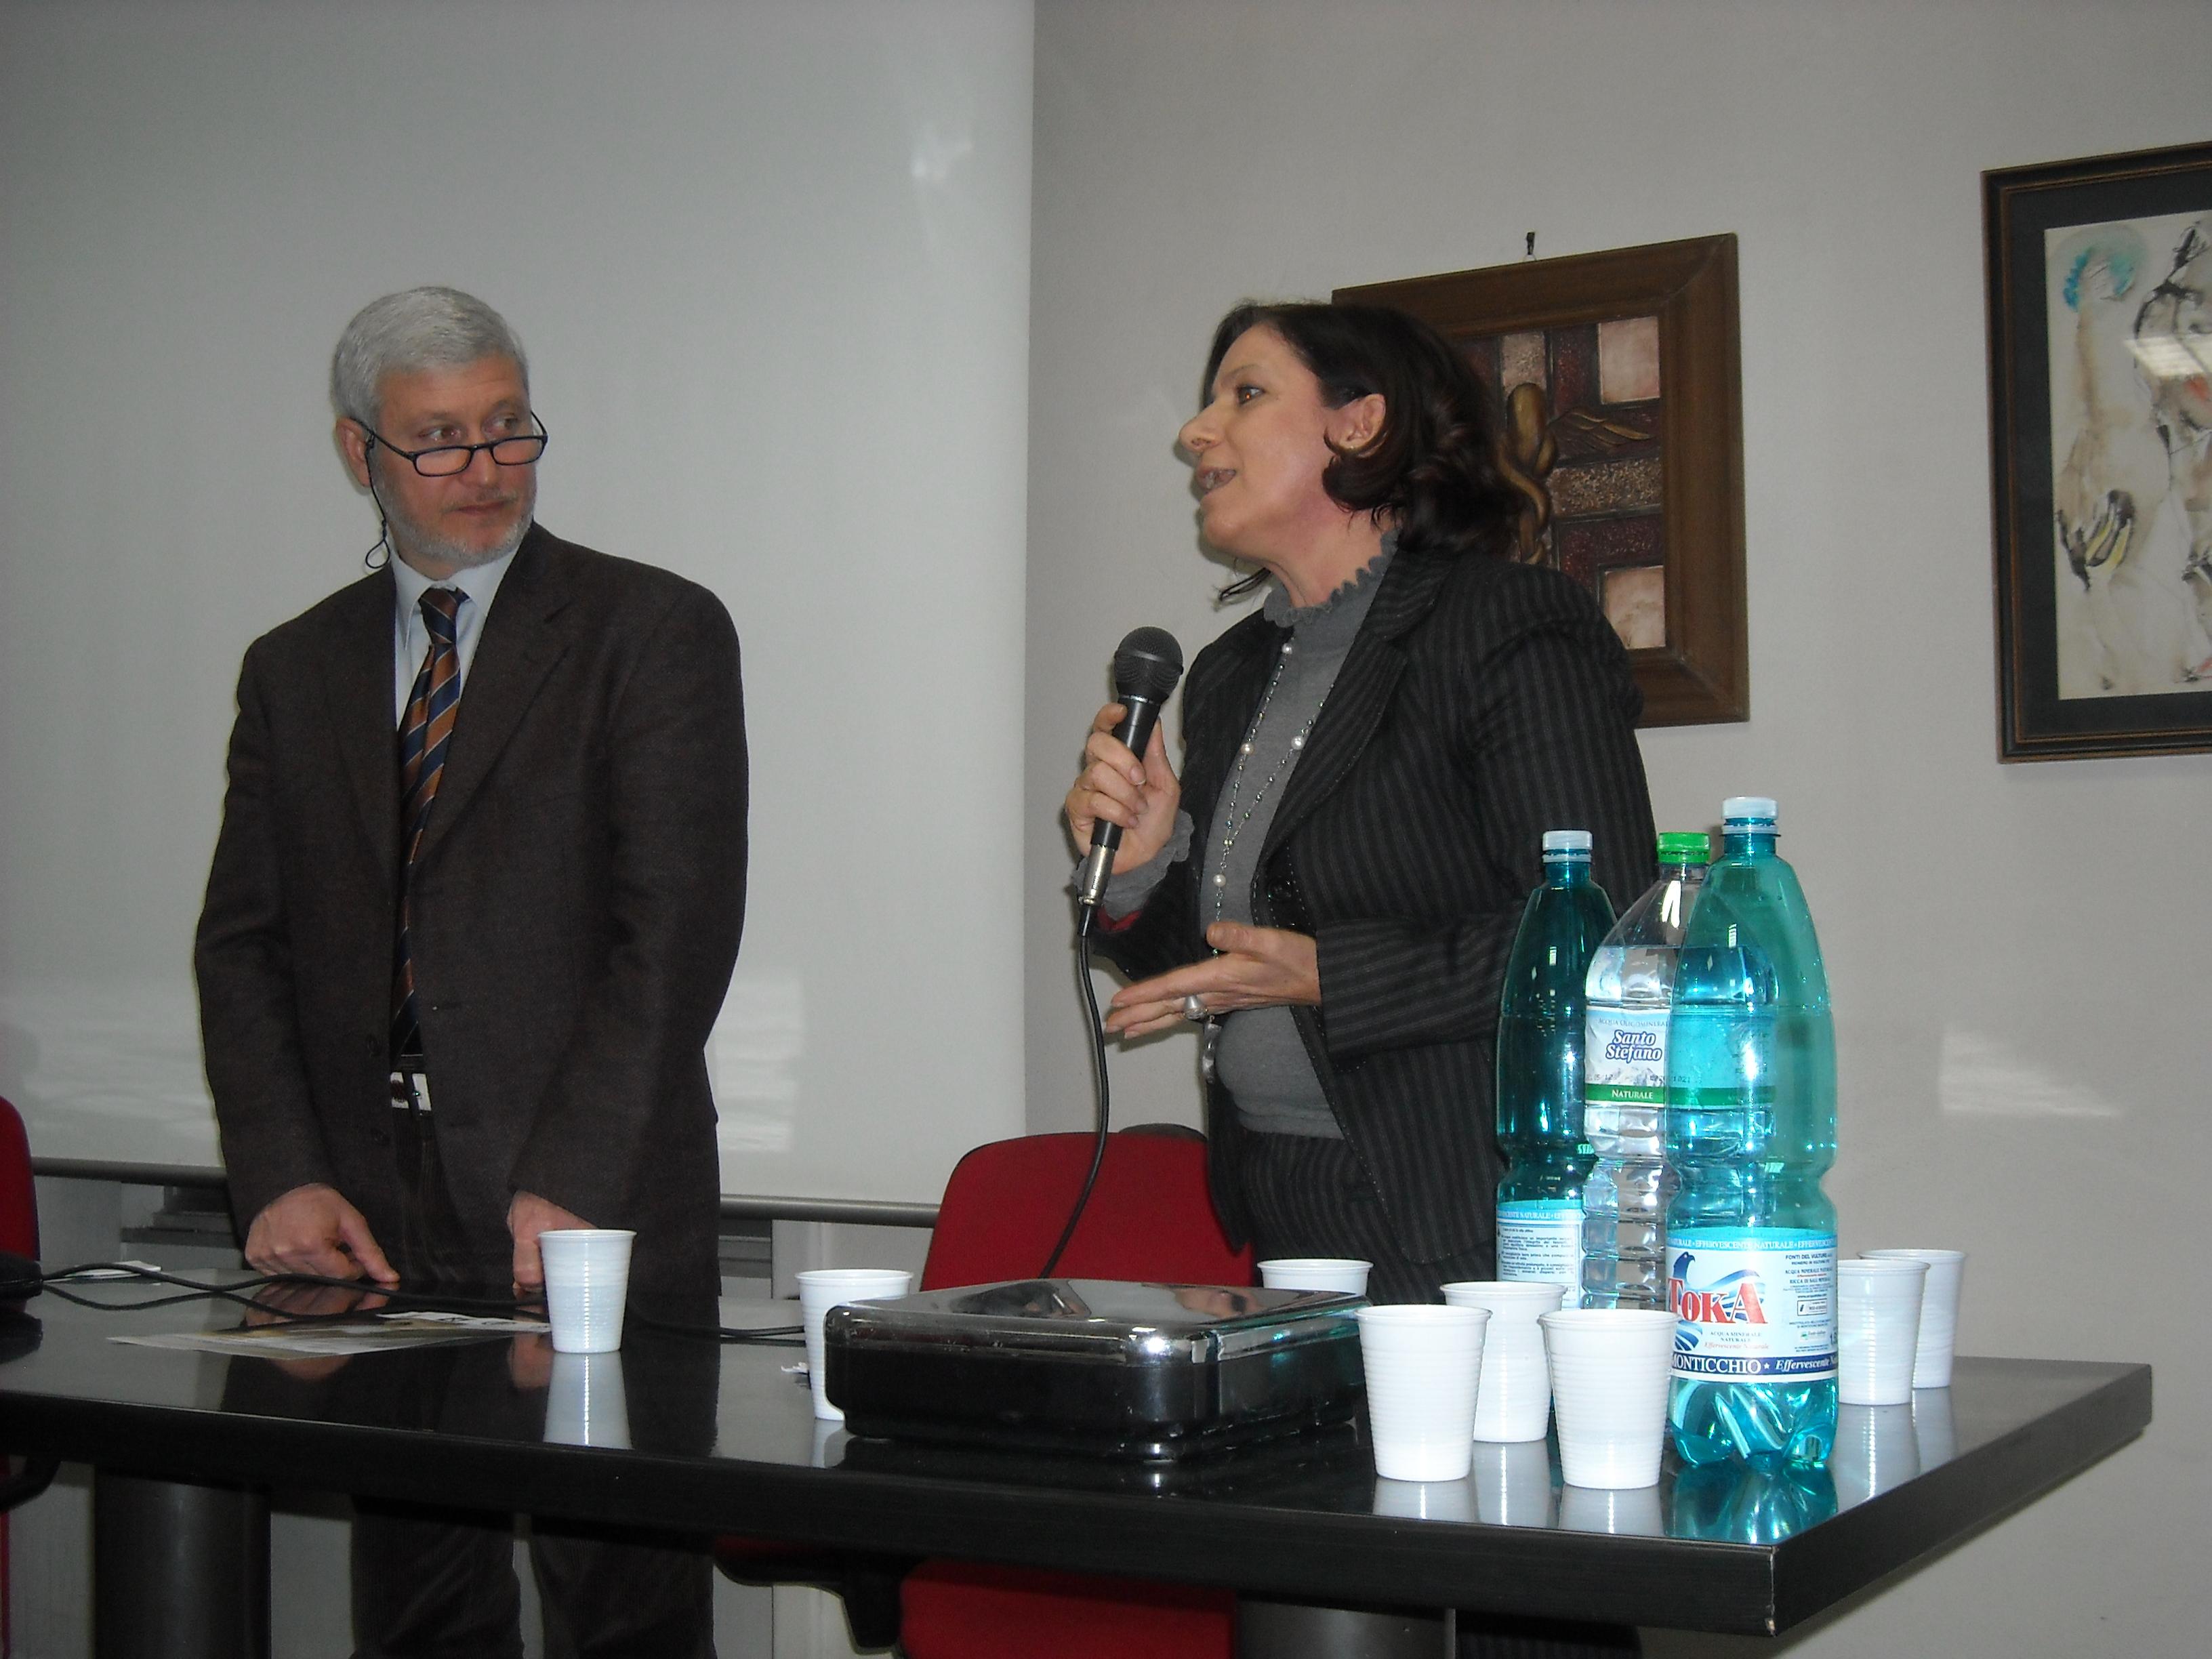 convegno-regionale-farmacovigilanza-sa-18dic2010-016